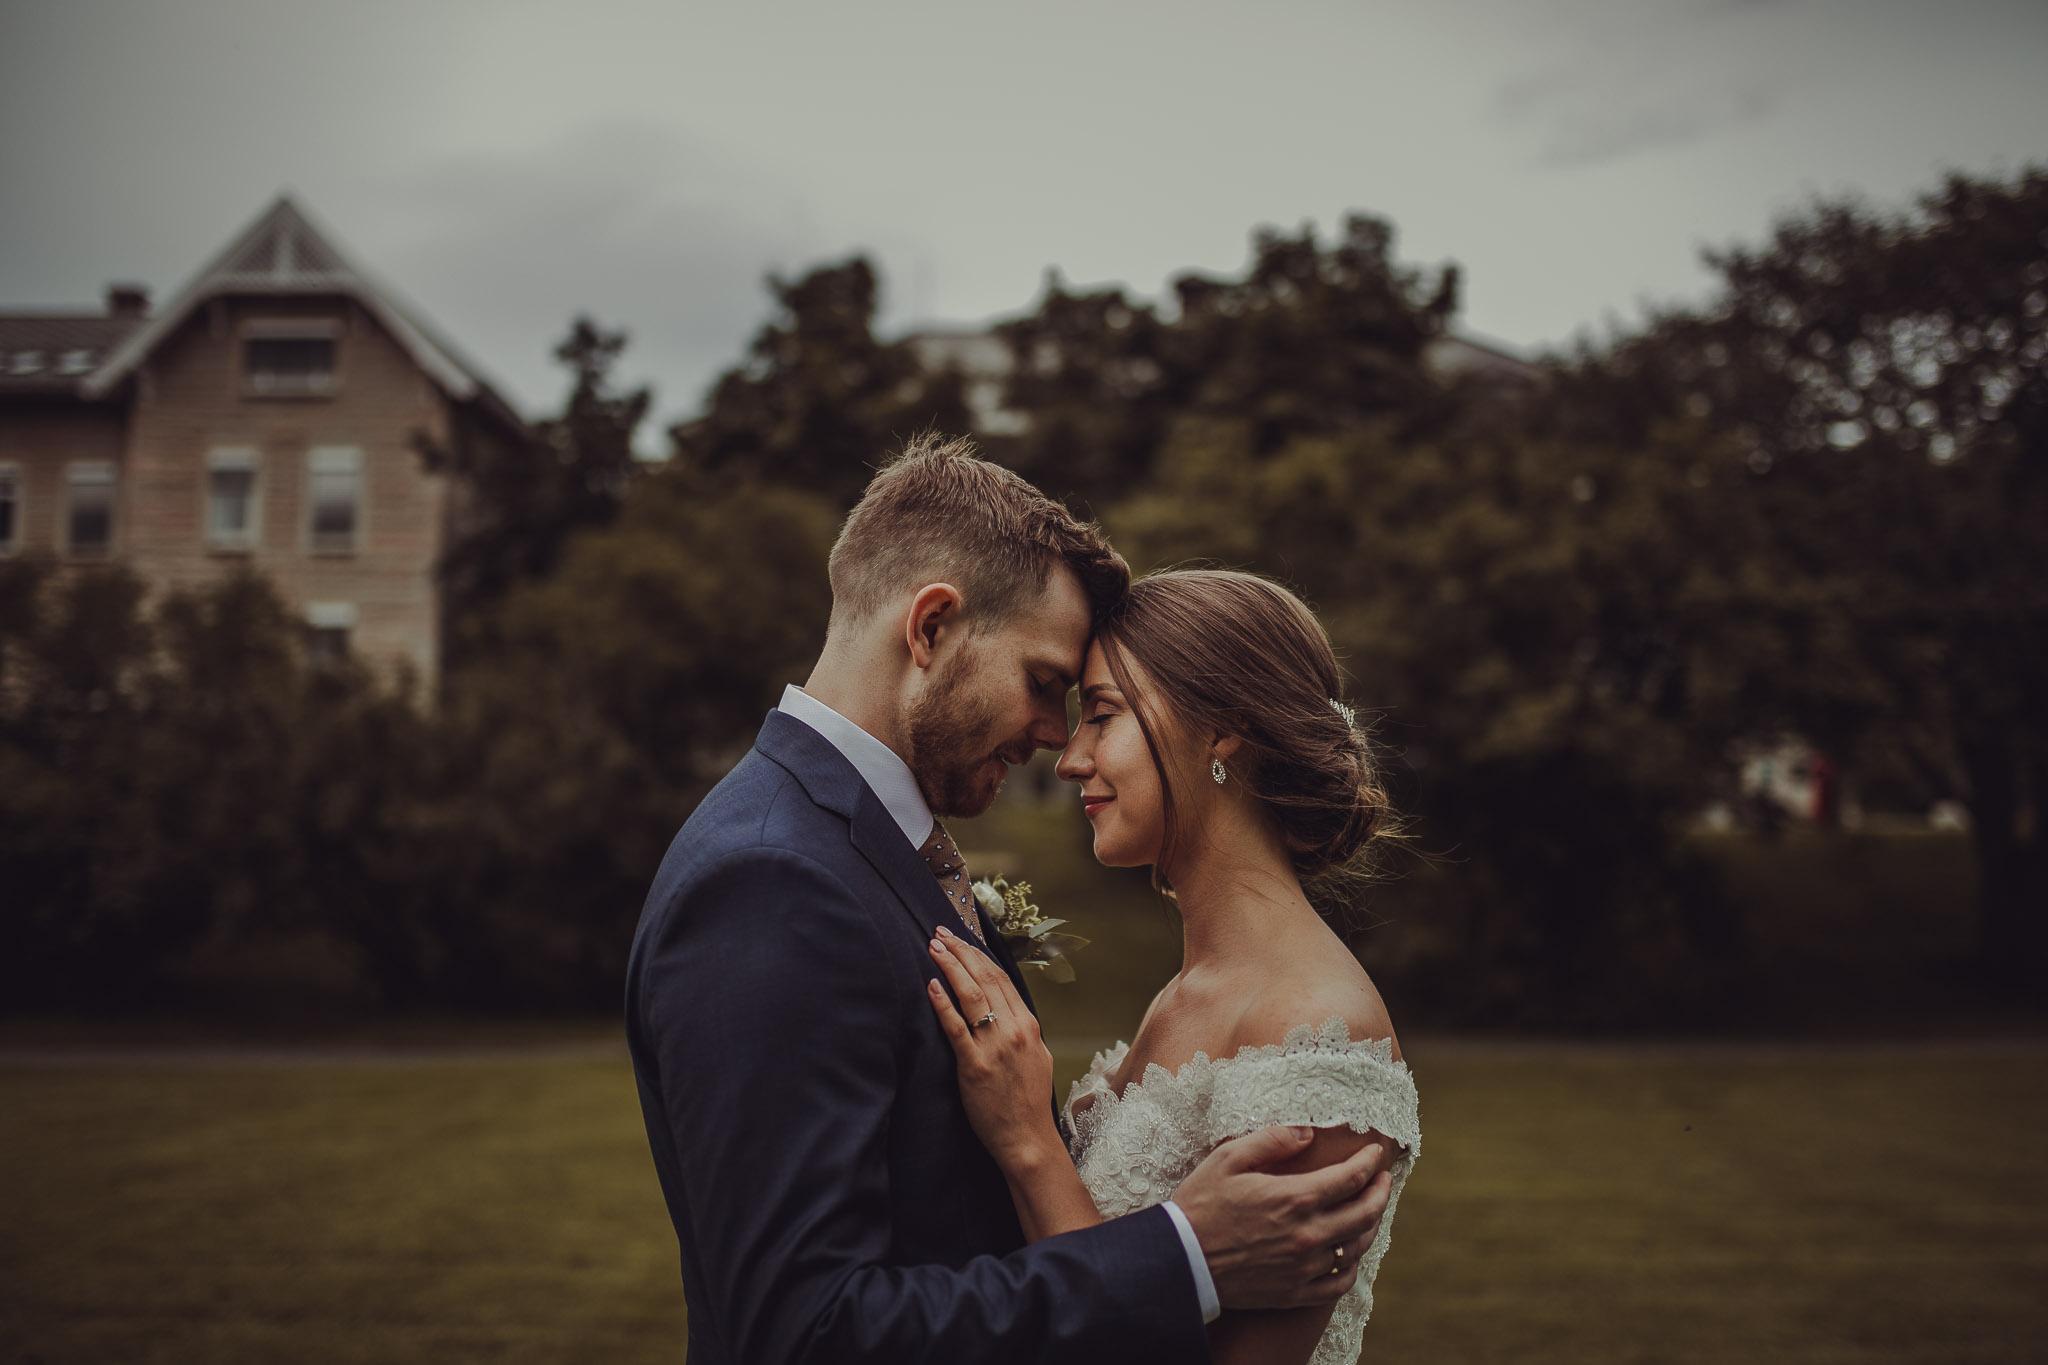 Brudepar i Bodø står nært og klemmer hverandre